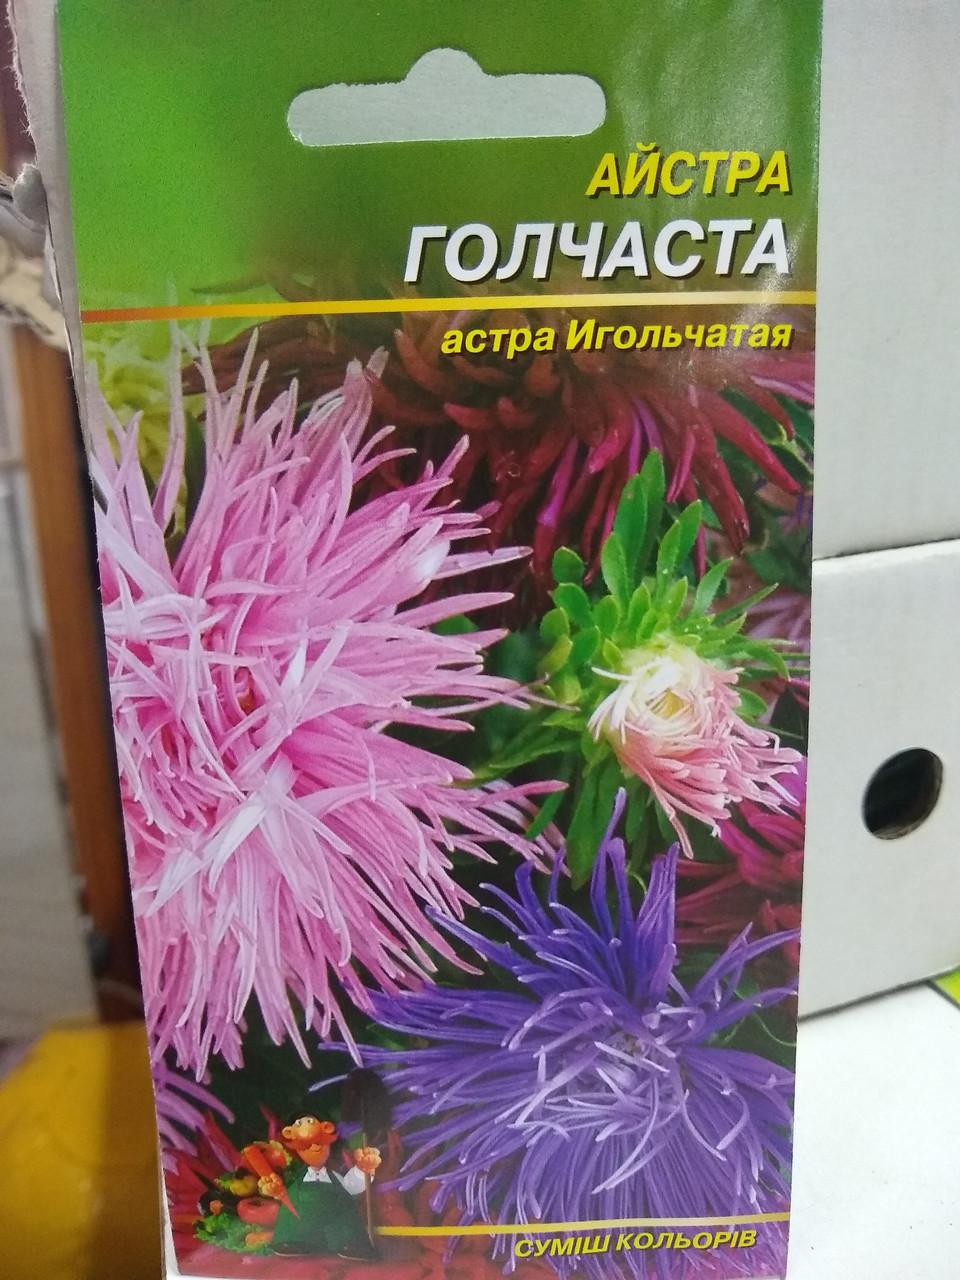 Астра игольчатая смесь  семена 1 грамм на срез